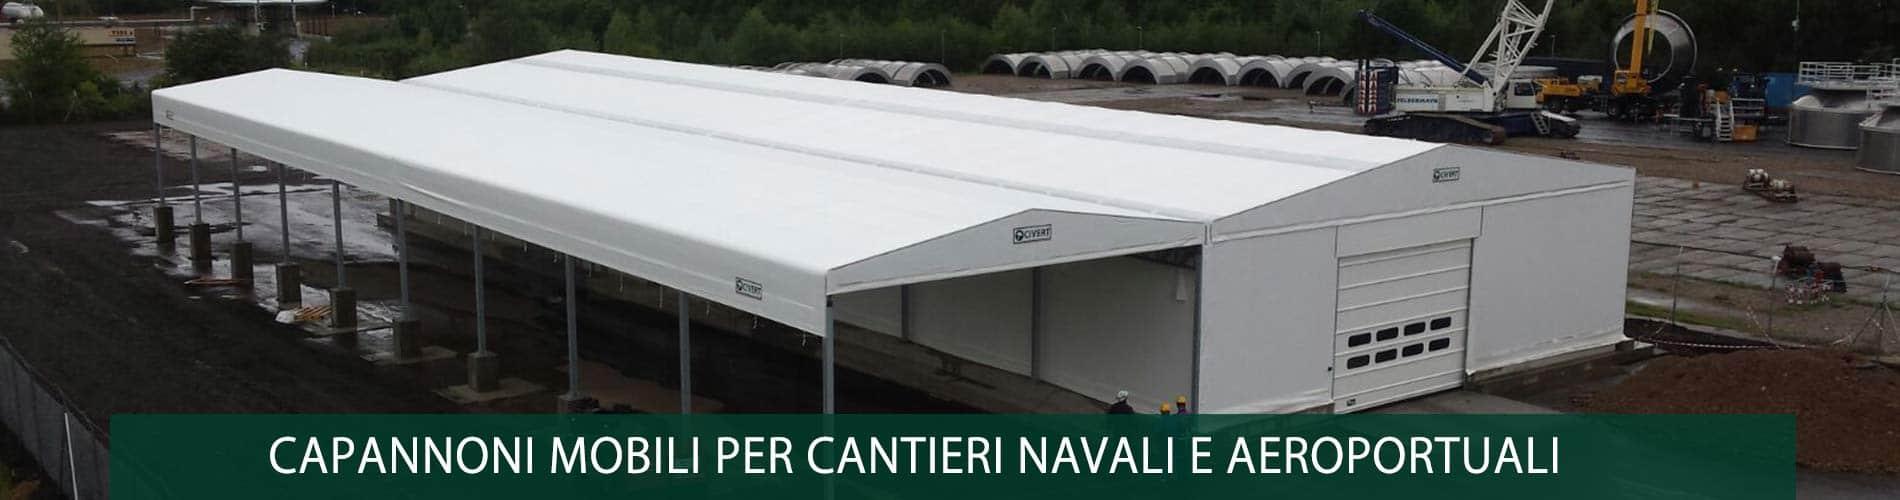 capannoni cantieri navali e aeroportuali